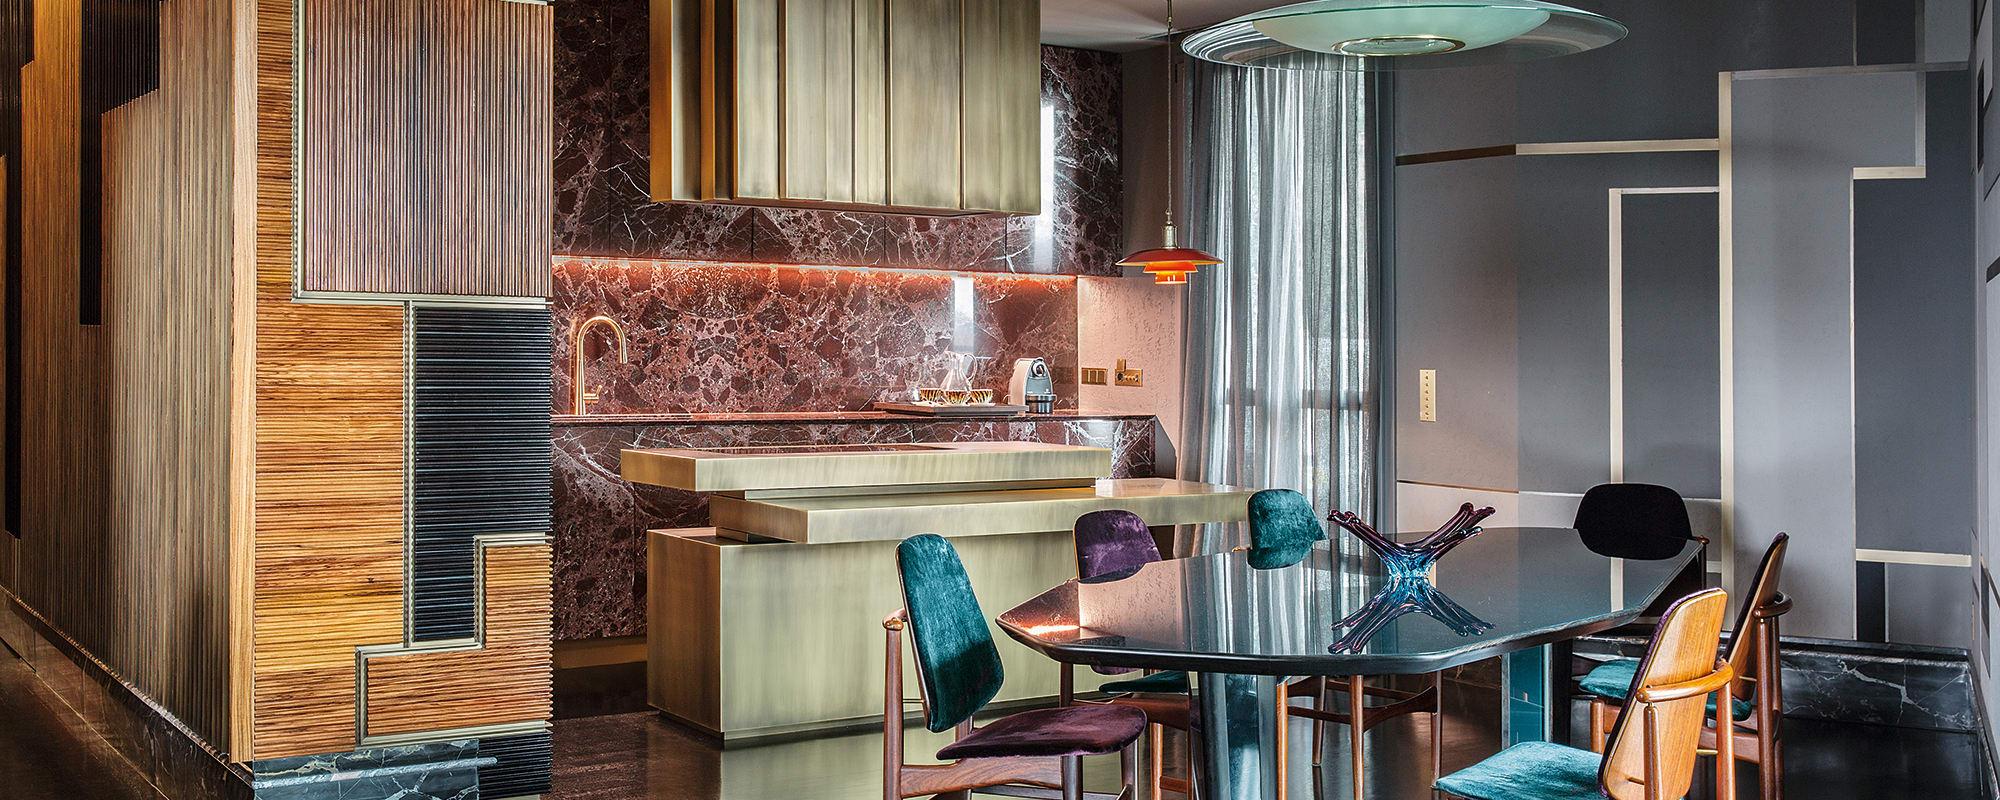 Giorgio Dantone Apartment, Lüster Gio Ponti, Osvaldo Borsani Regal Giò Pomodoro, Gunian Gupta Table